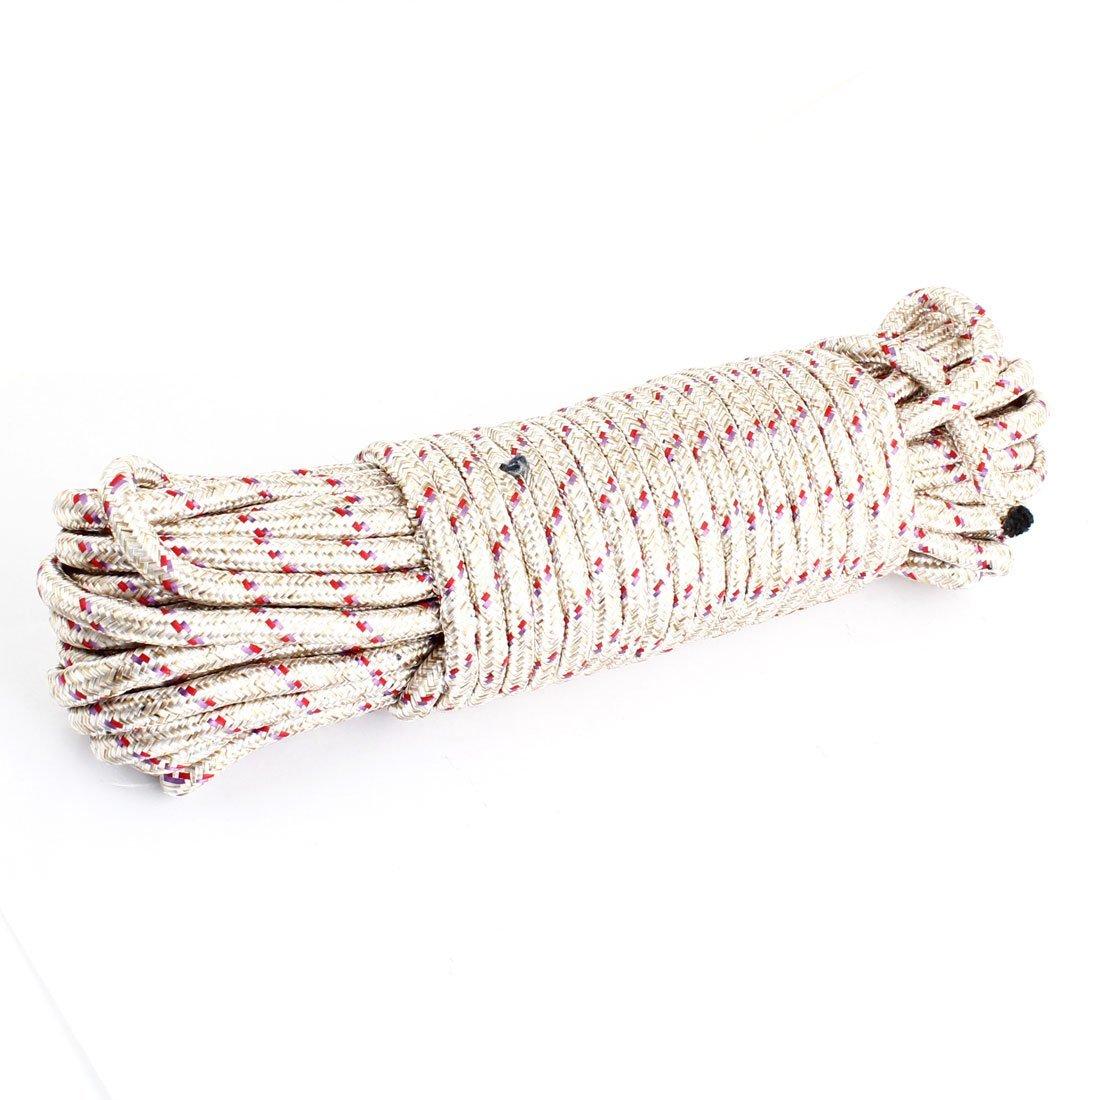 Nylon Wäscheleine Kleidung Seil-Schnur-20M 65.6Ft Länge Beige DealMux